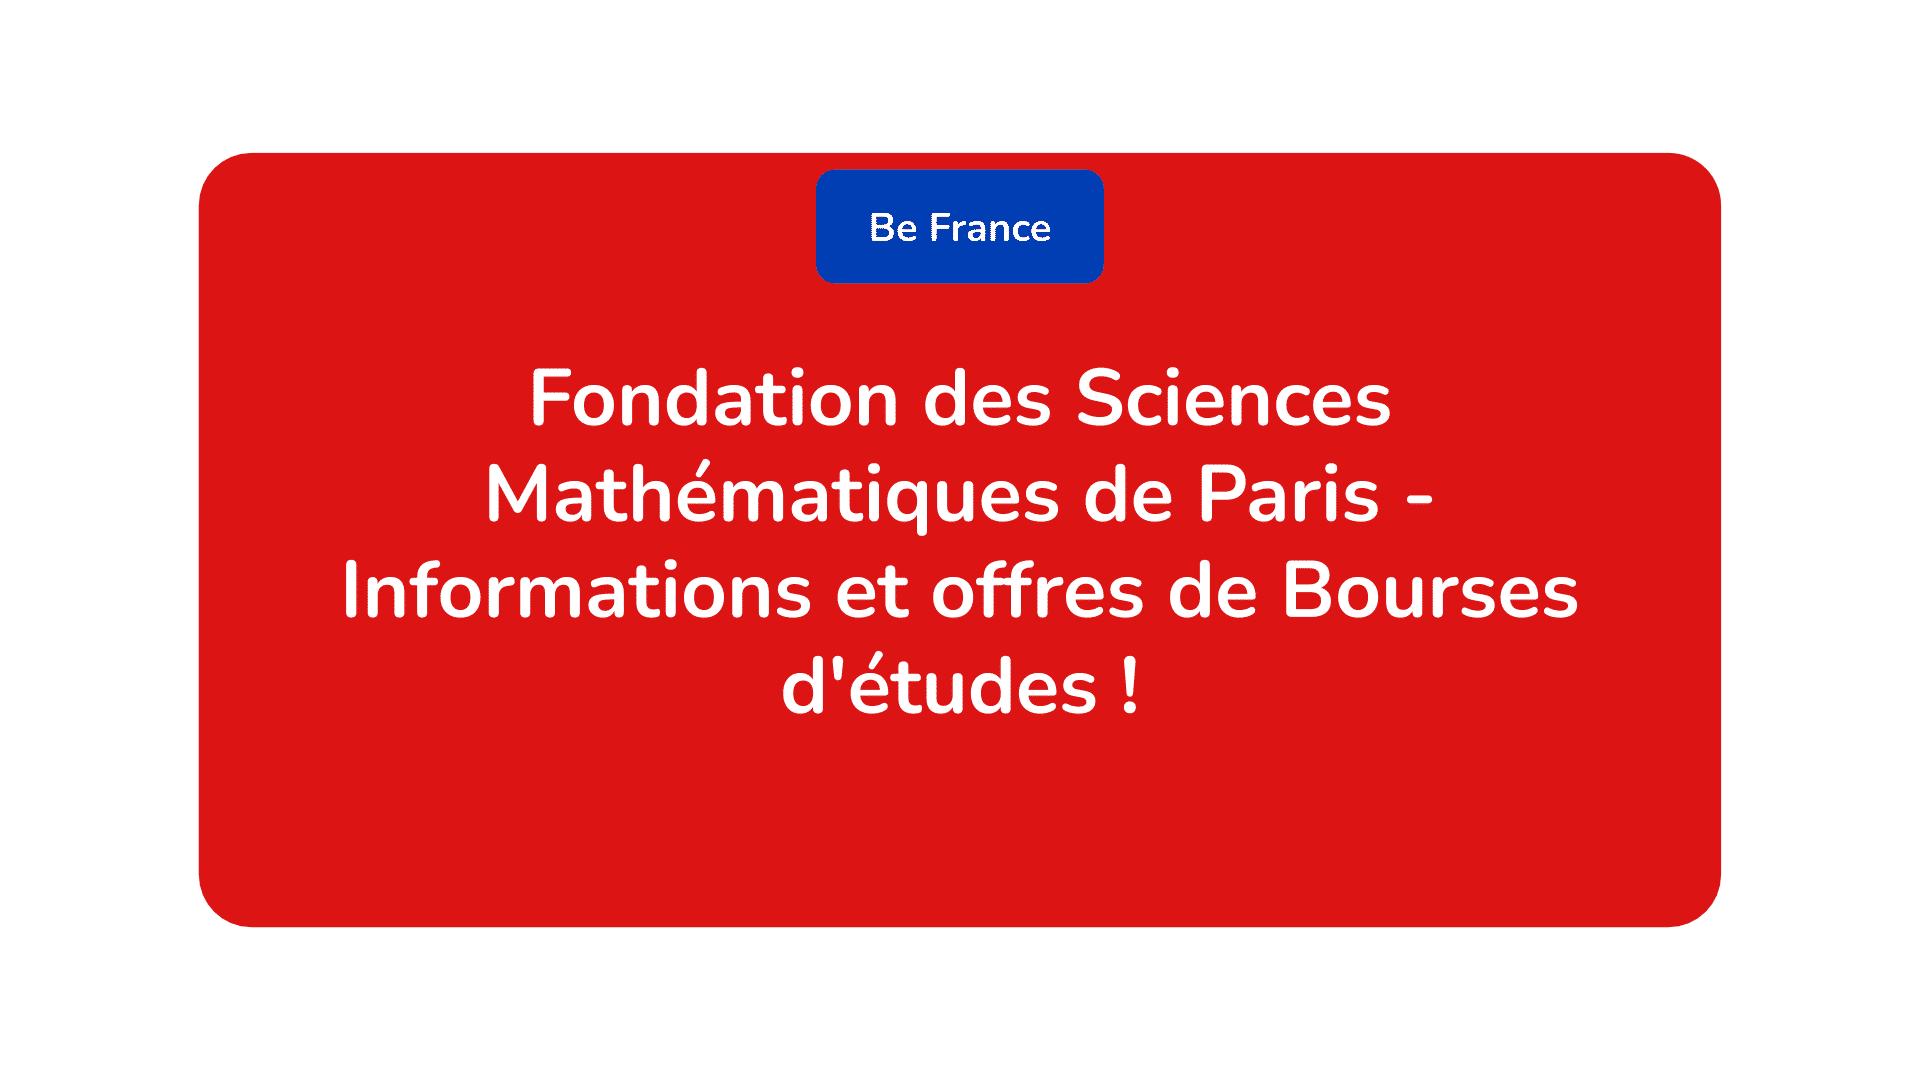 Fondation des Sciences Mathématiques de Paris